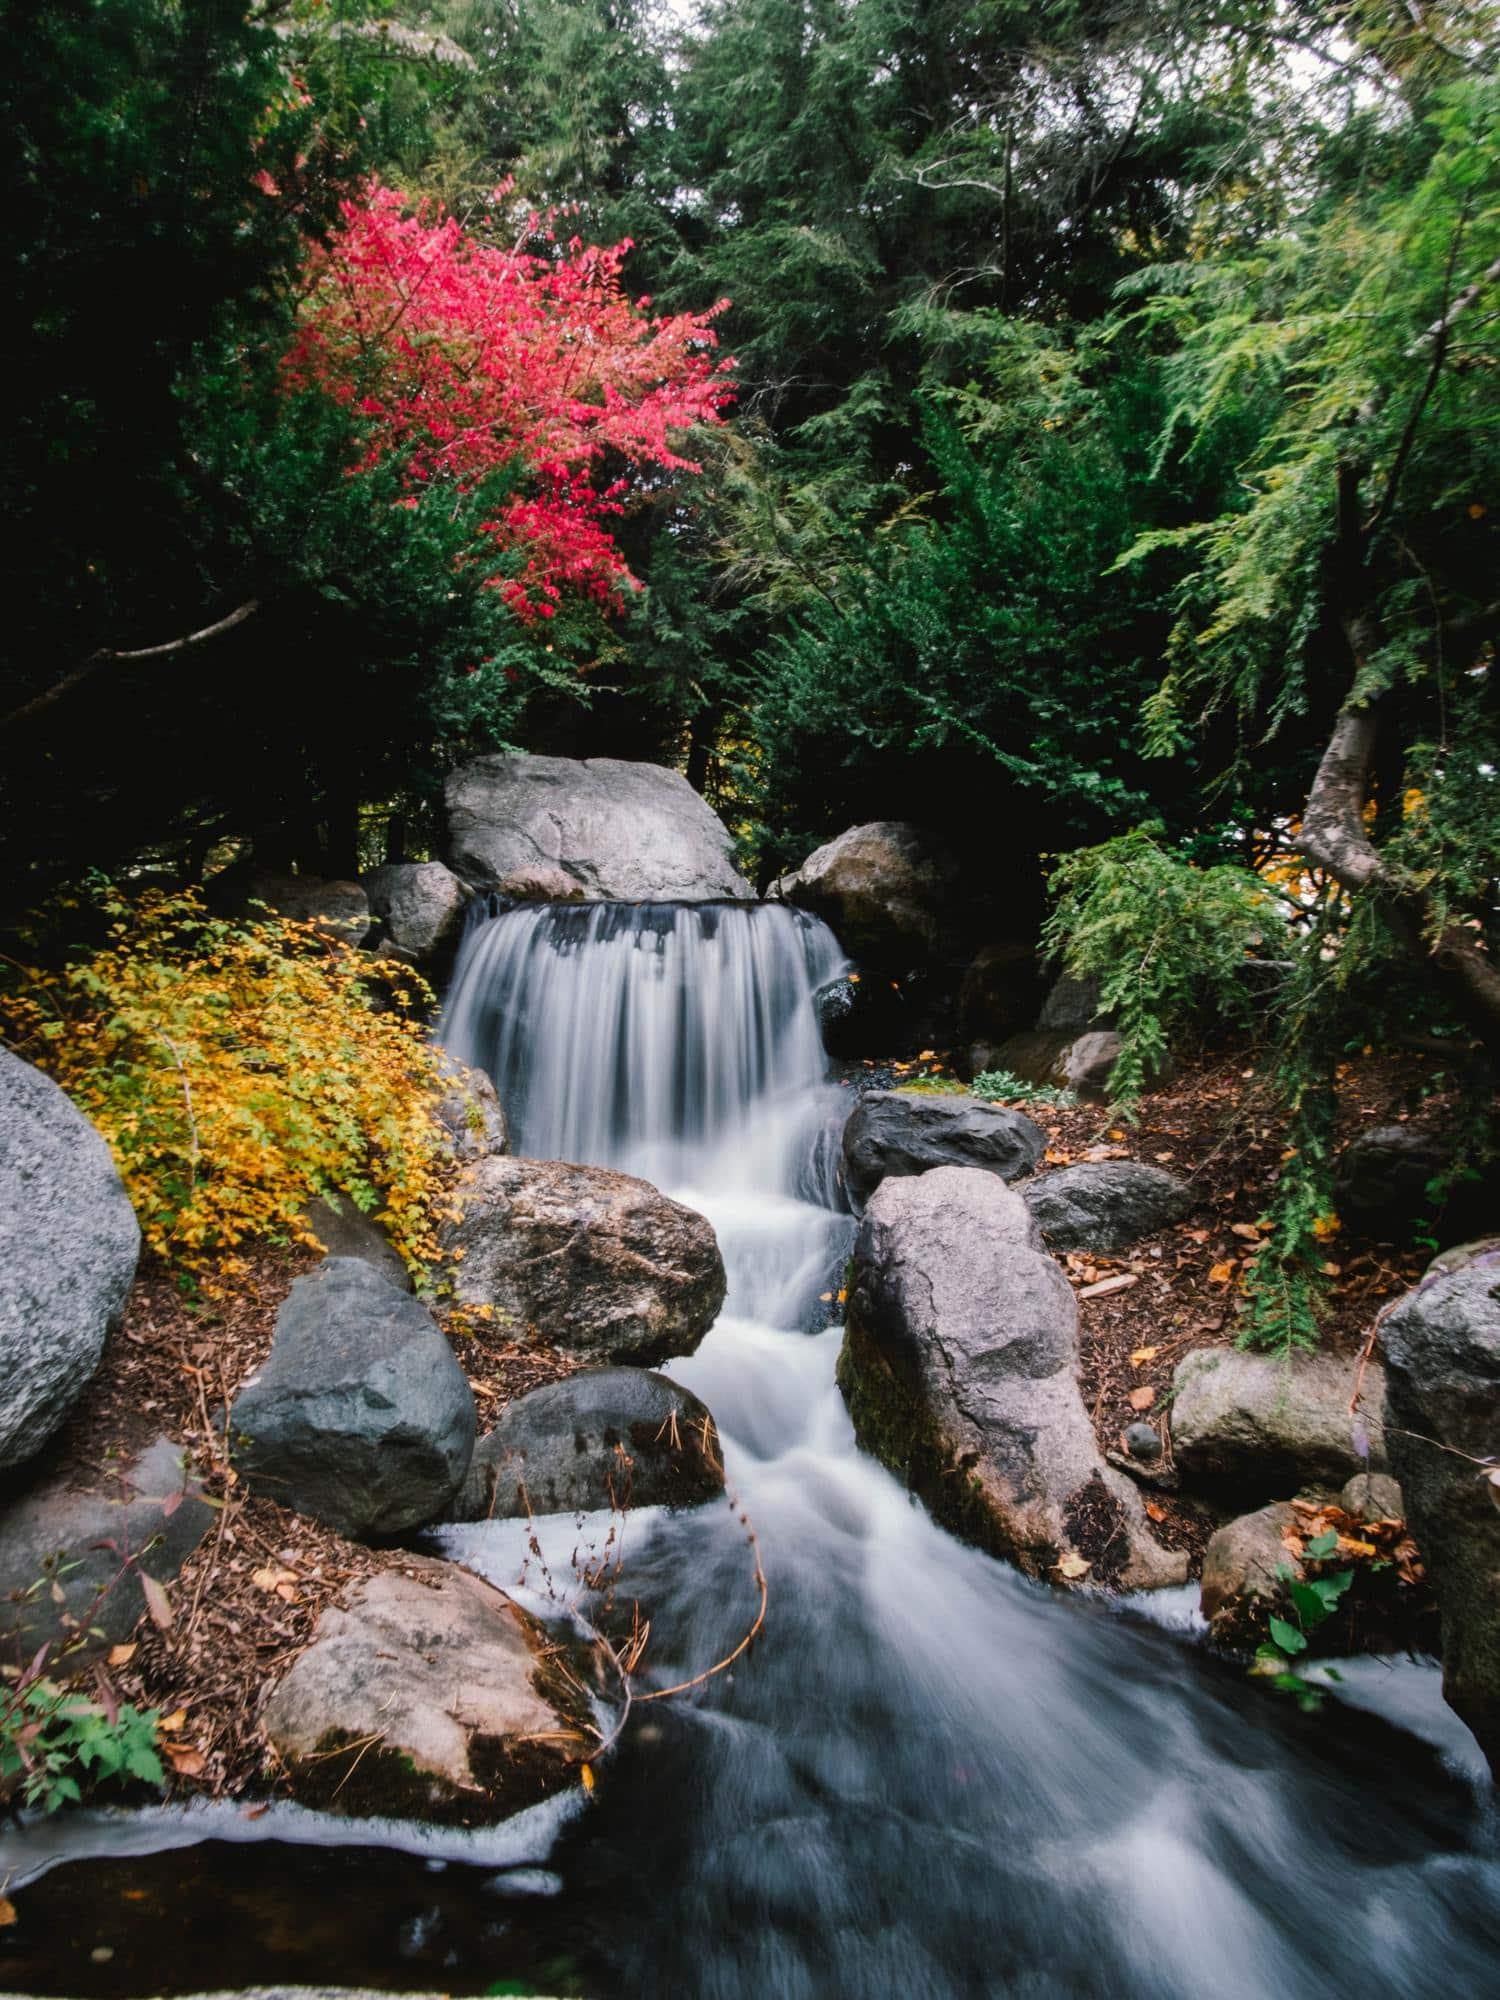 técnica fotográfica agua sedosa río